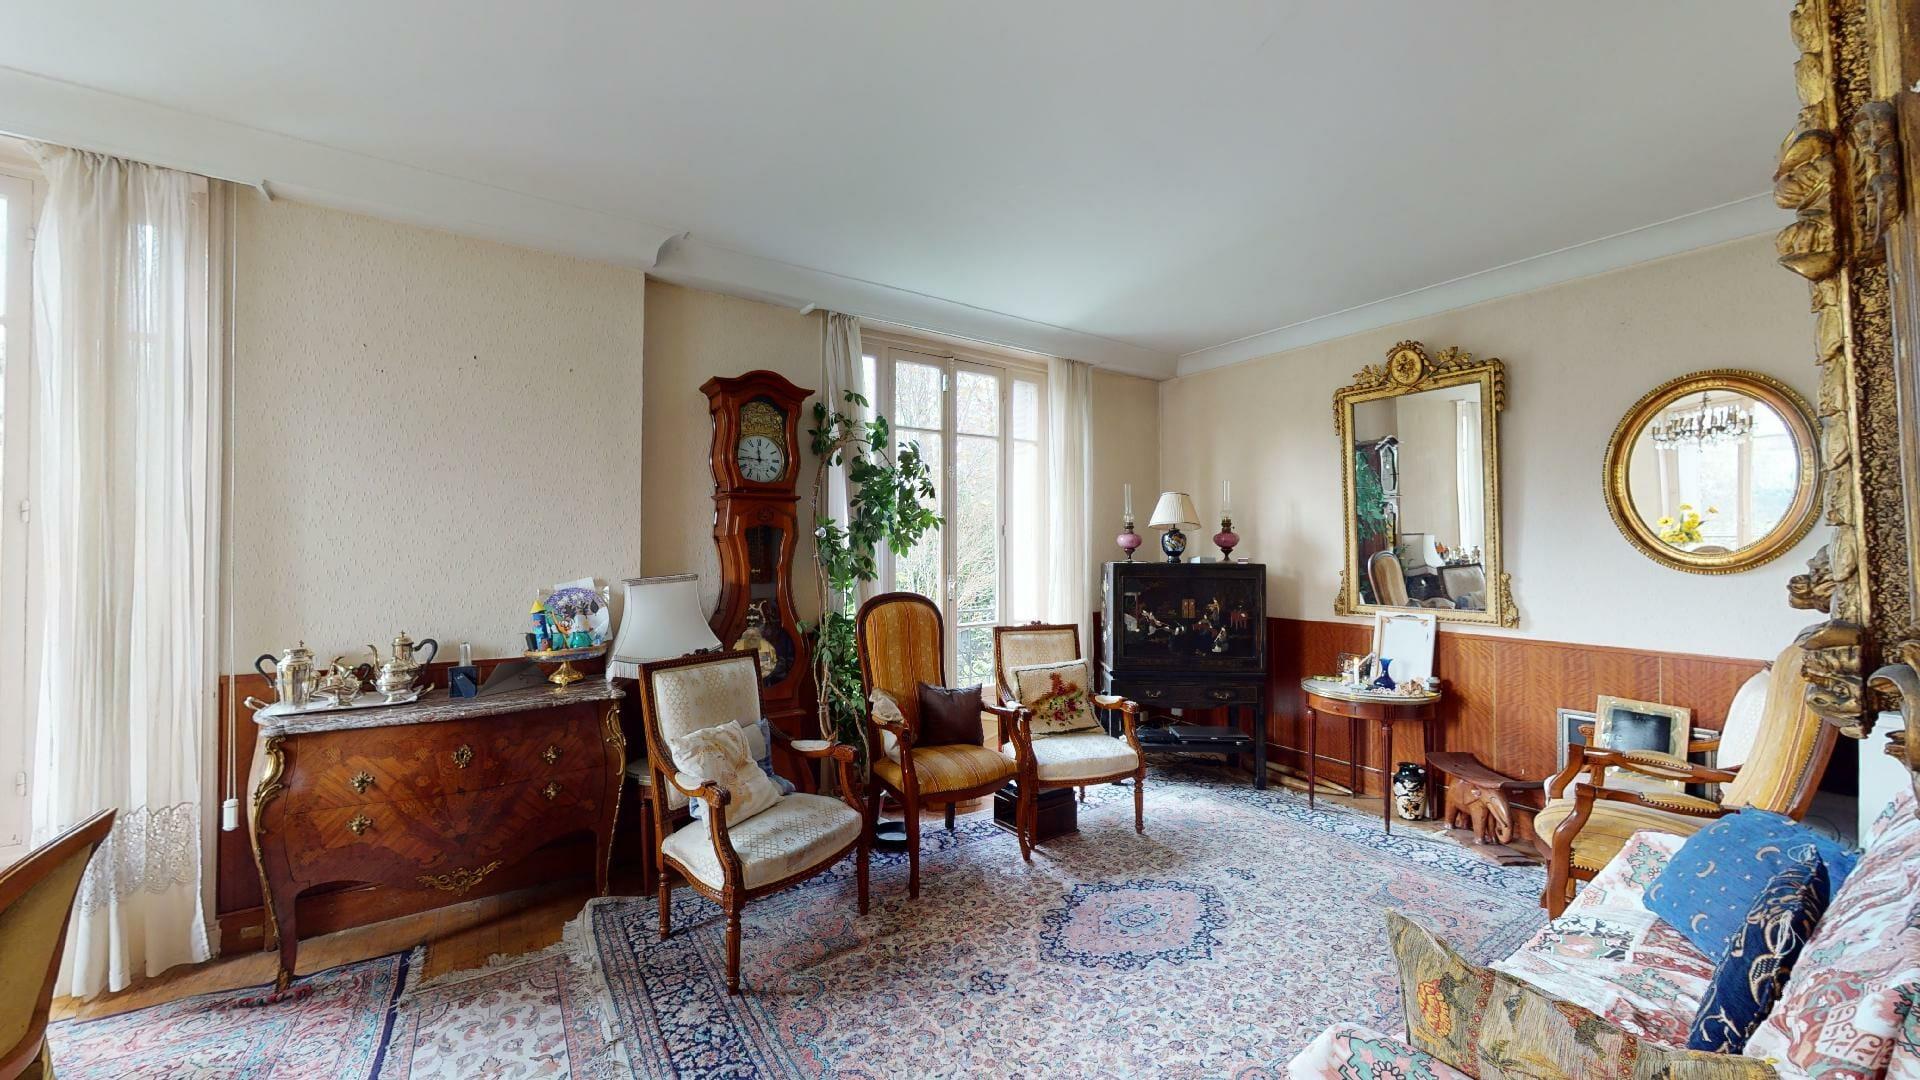 Urbanhouse360-Rueil-Oh-Berges-de-Seine